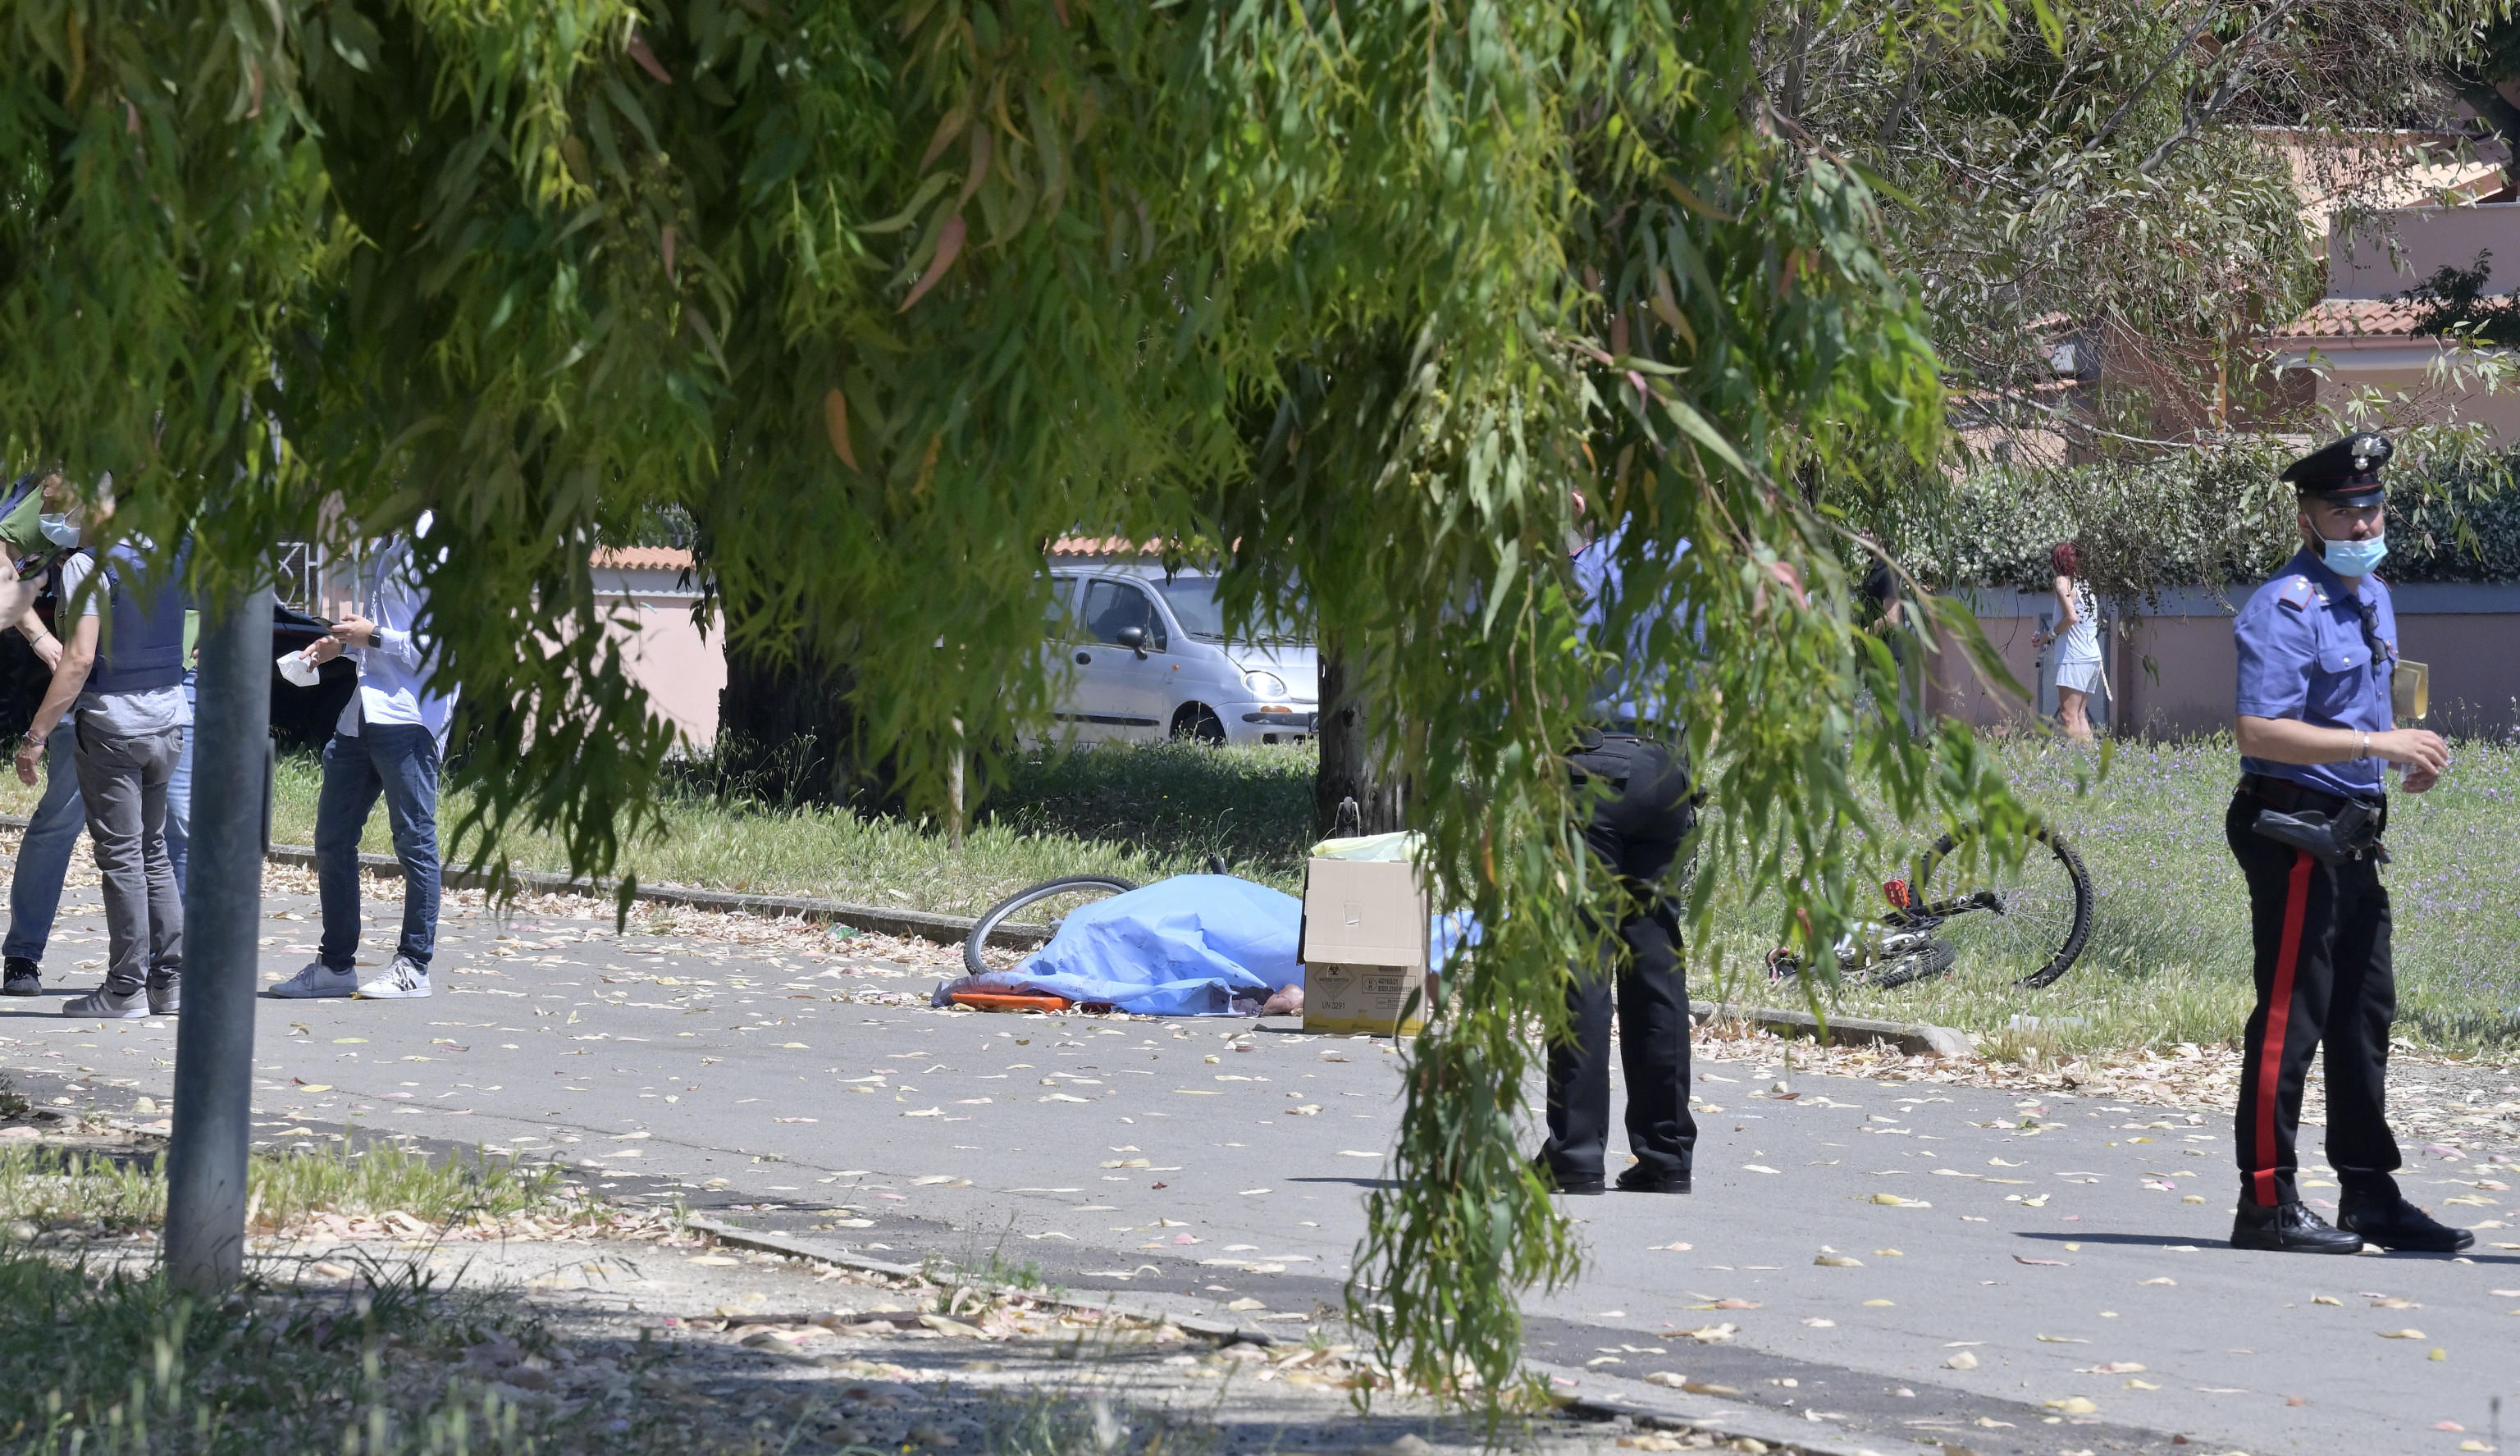 Strage vicino Roma: spari in strada, morti un anziano e due bimbi. Uomo barricato in casa [LIVE]